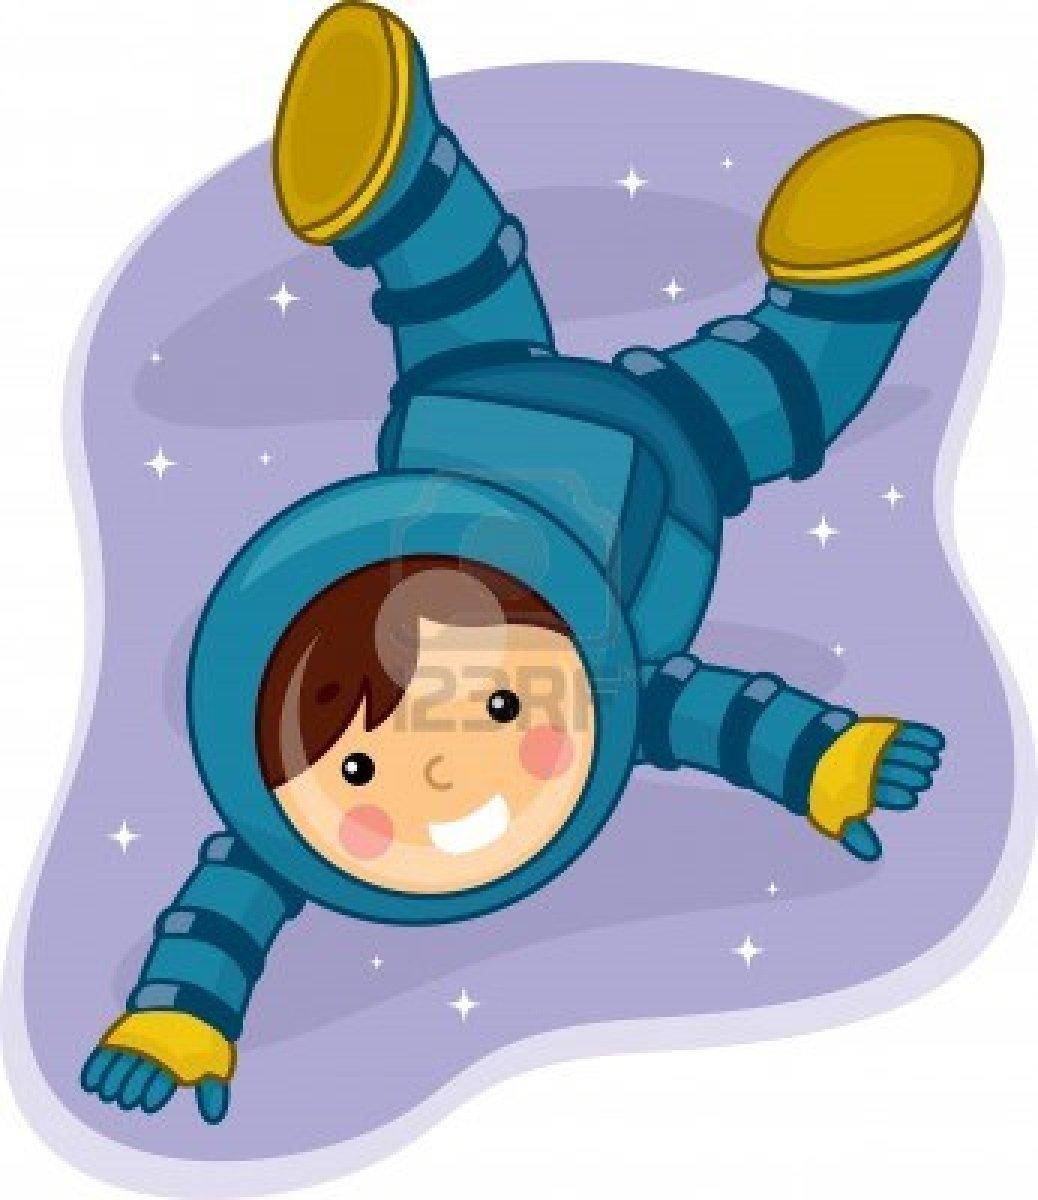 15067731-illustrazione-di-un-giovane-astronauta-galleggiante-maschio-in-outer-space